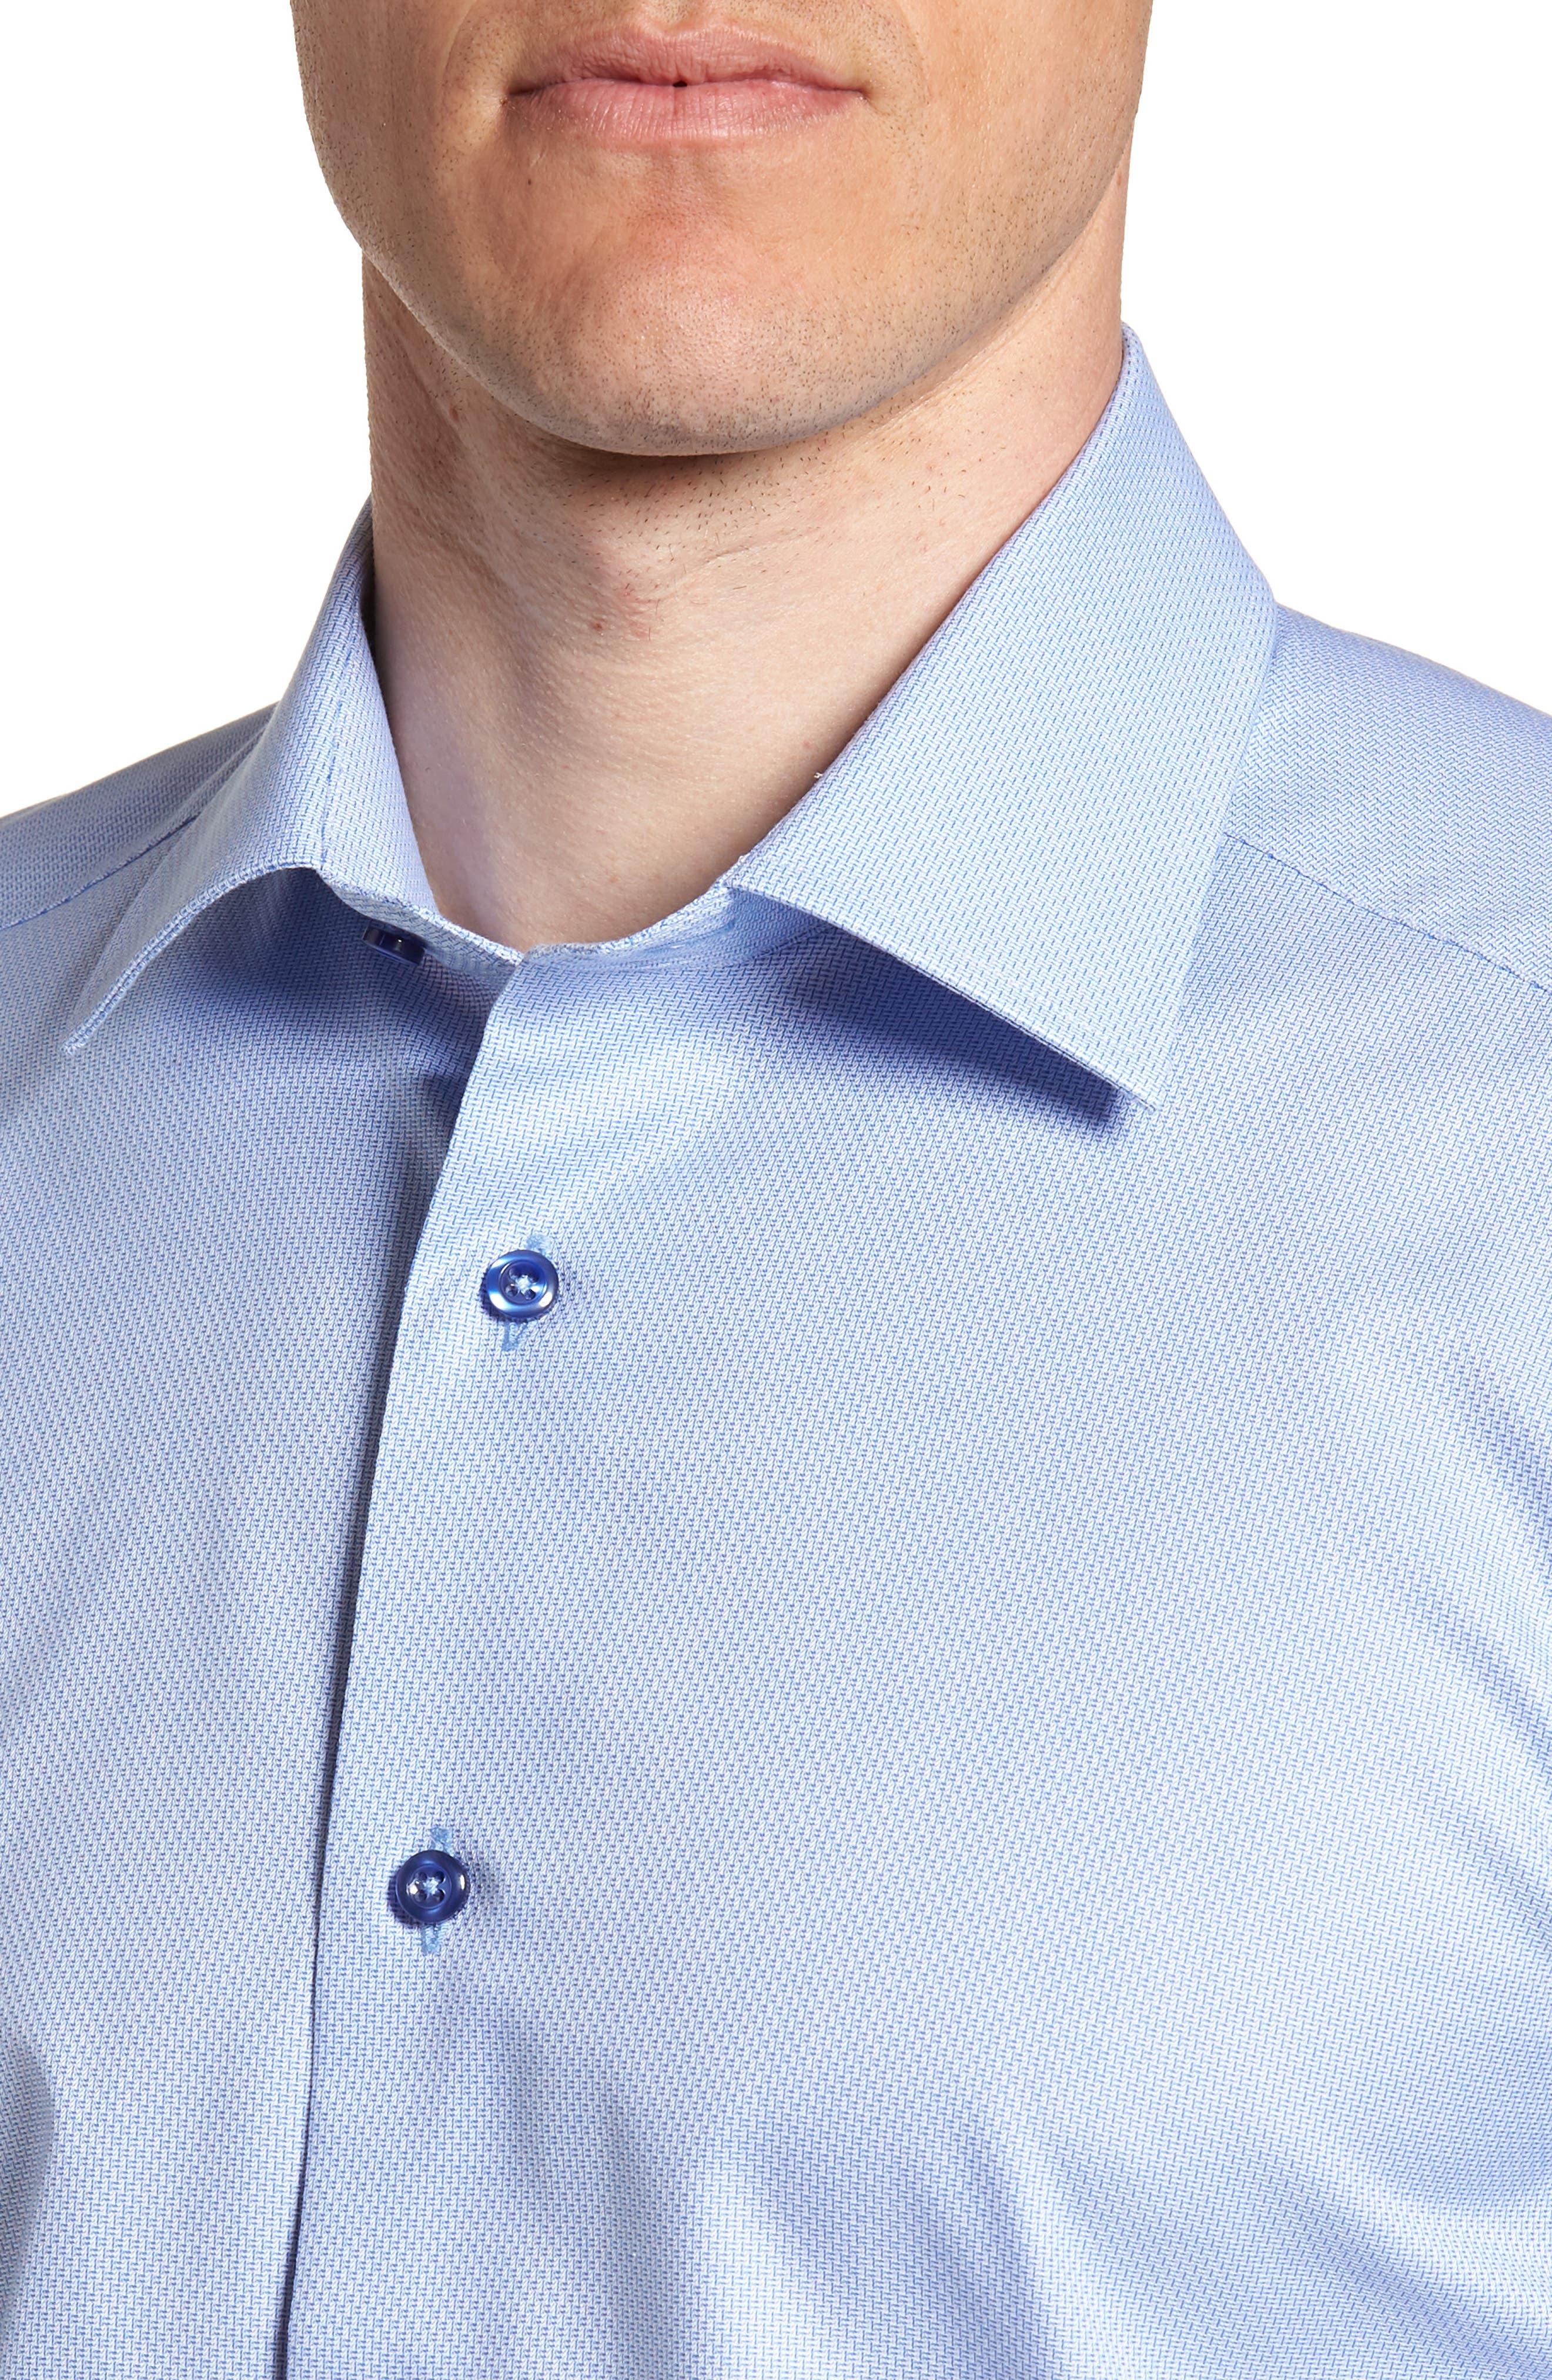 Trim Fit Solid Dress Shirt,                             Alternate thumbnail 2, color,                             423